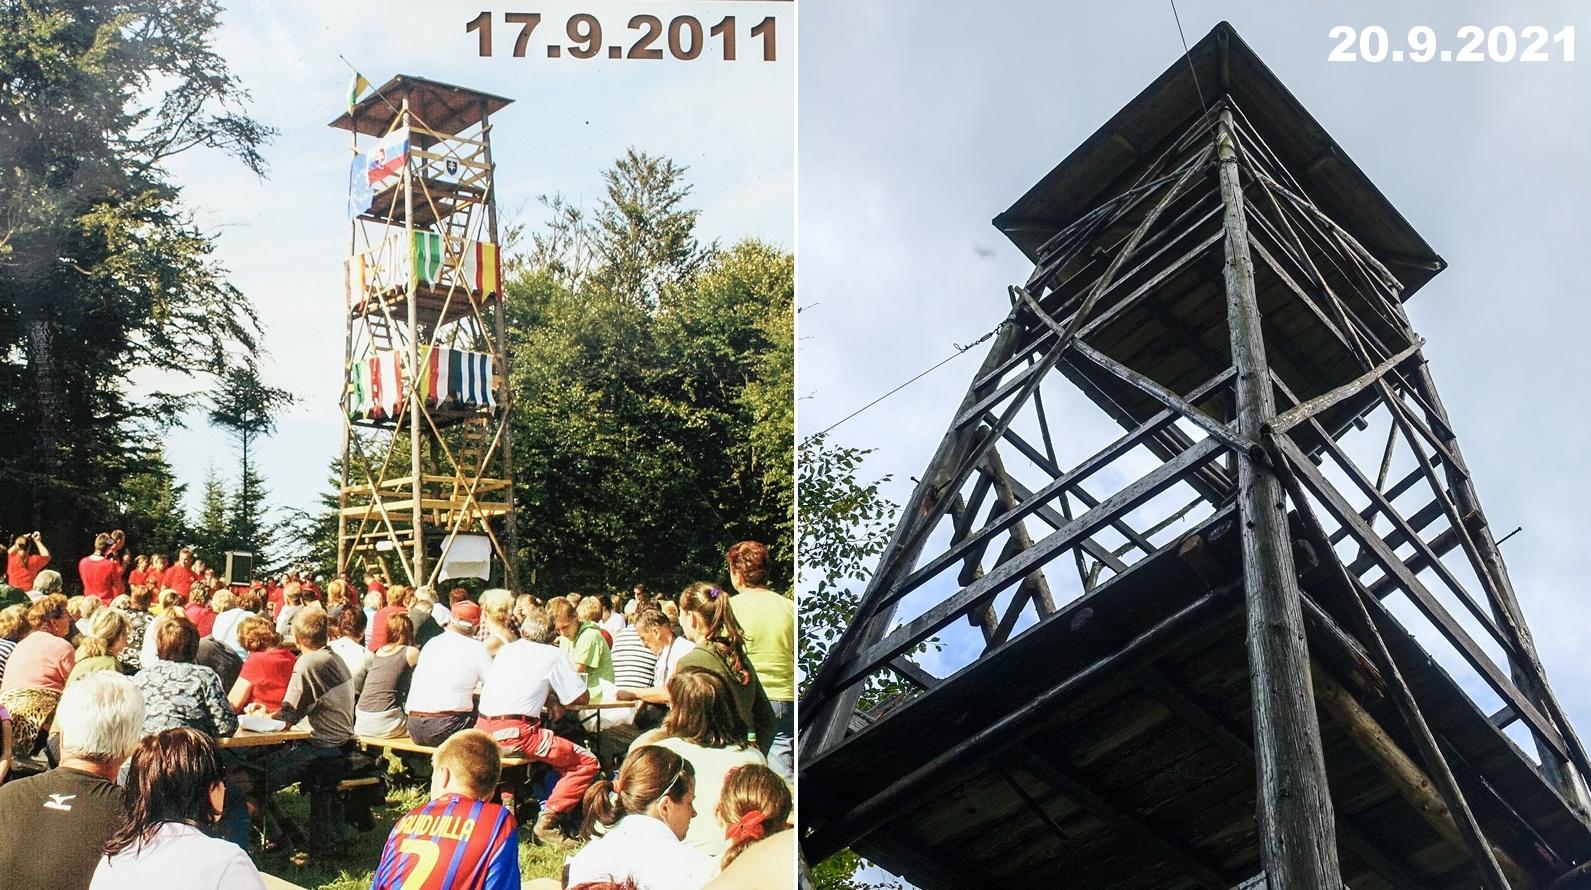 Najvyššia vyhliadka v Bardejovskom okrese pôjde najbližšiu sobotu k zemi. Nájdu sa financie, chuť a čas na výstavbu novej?!